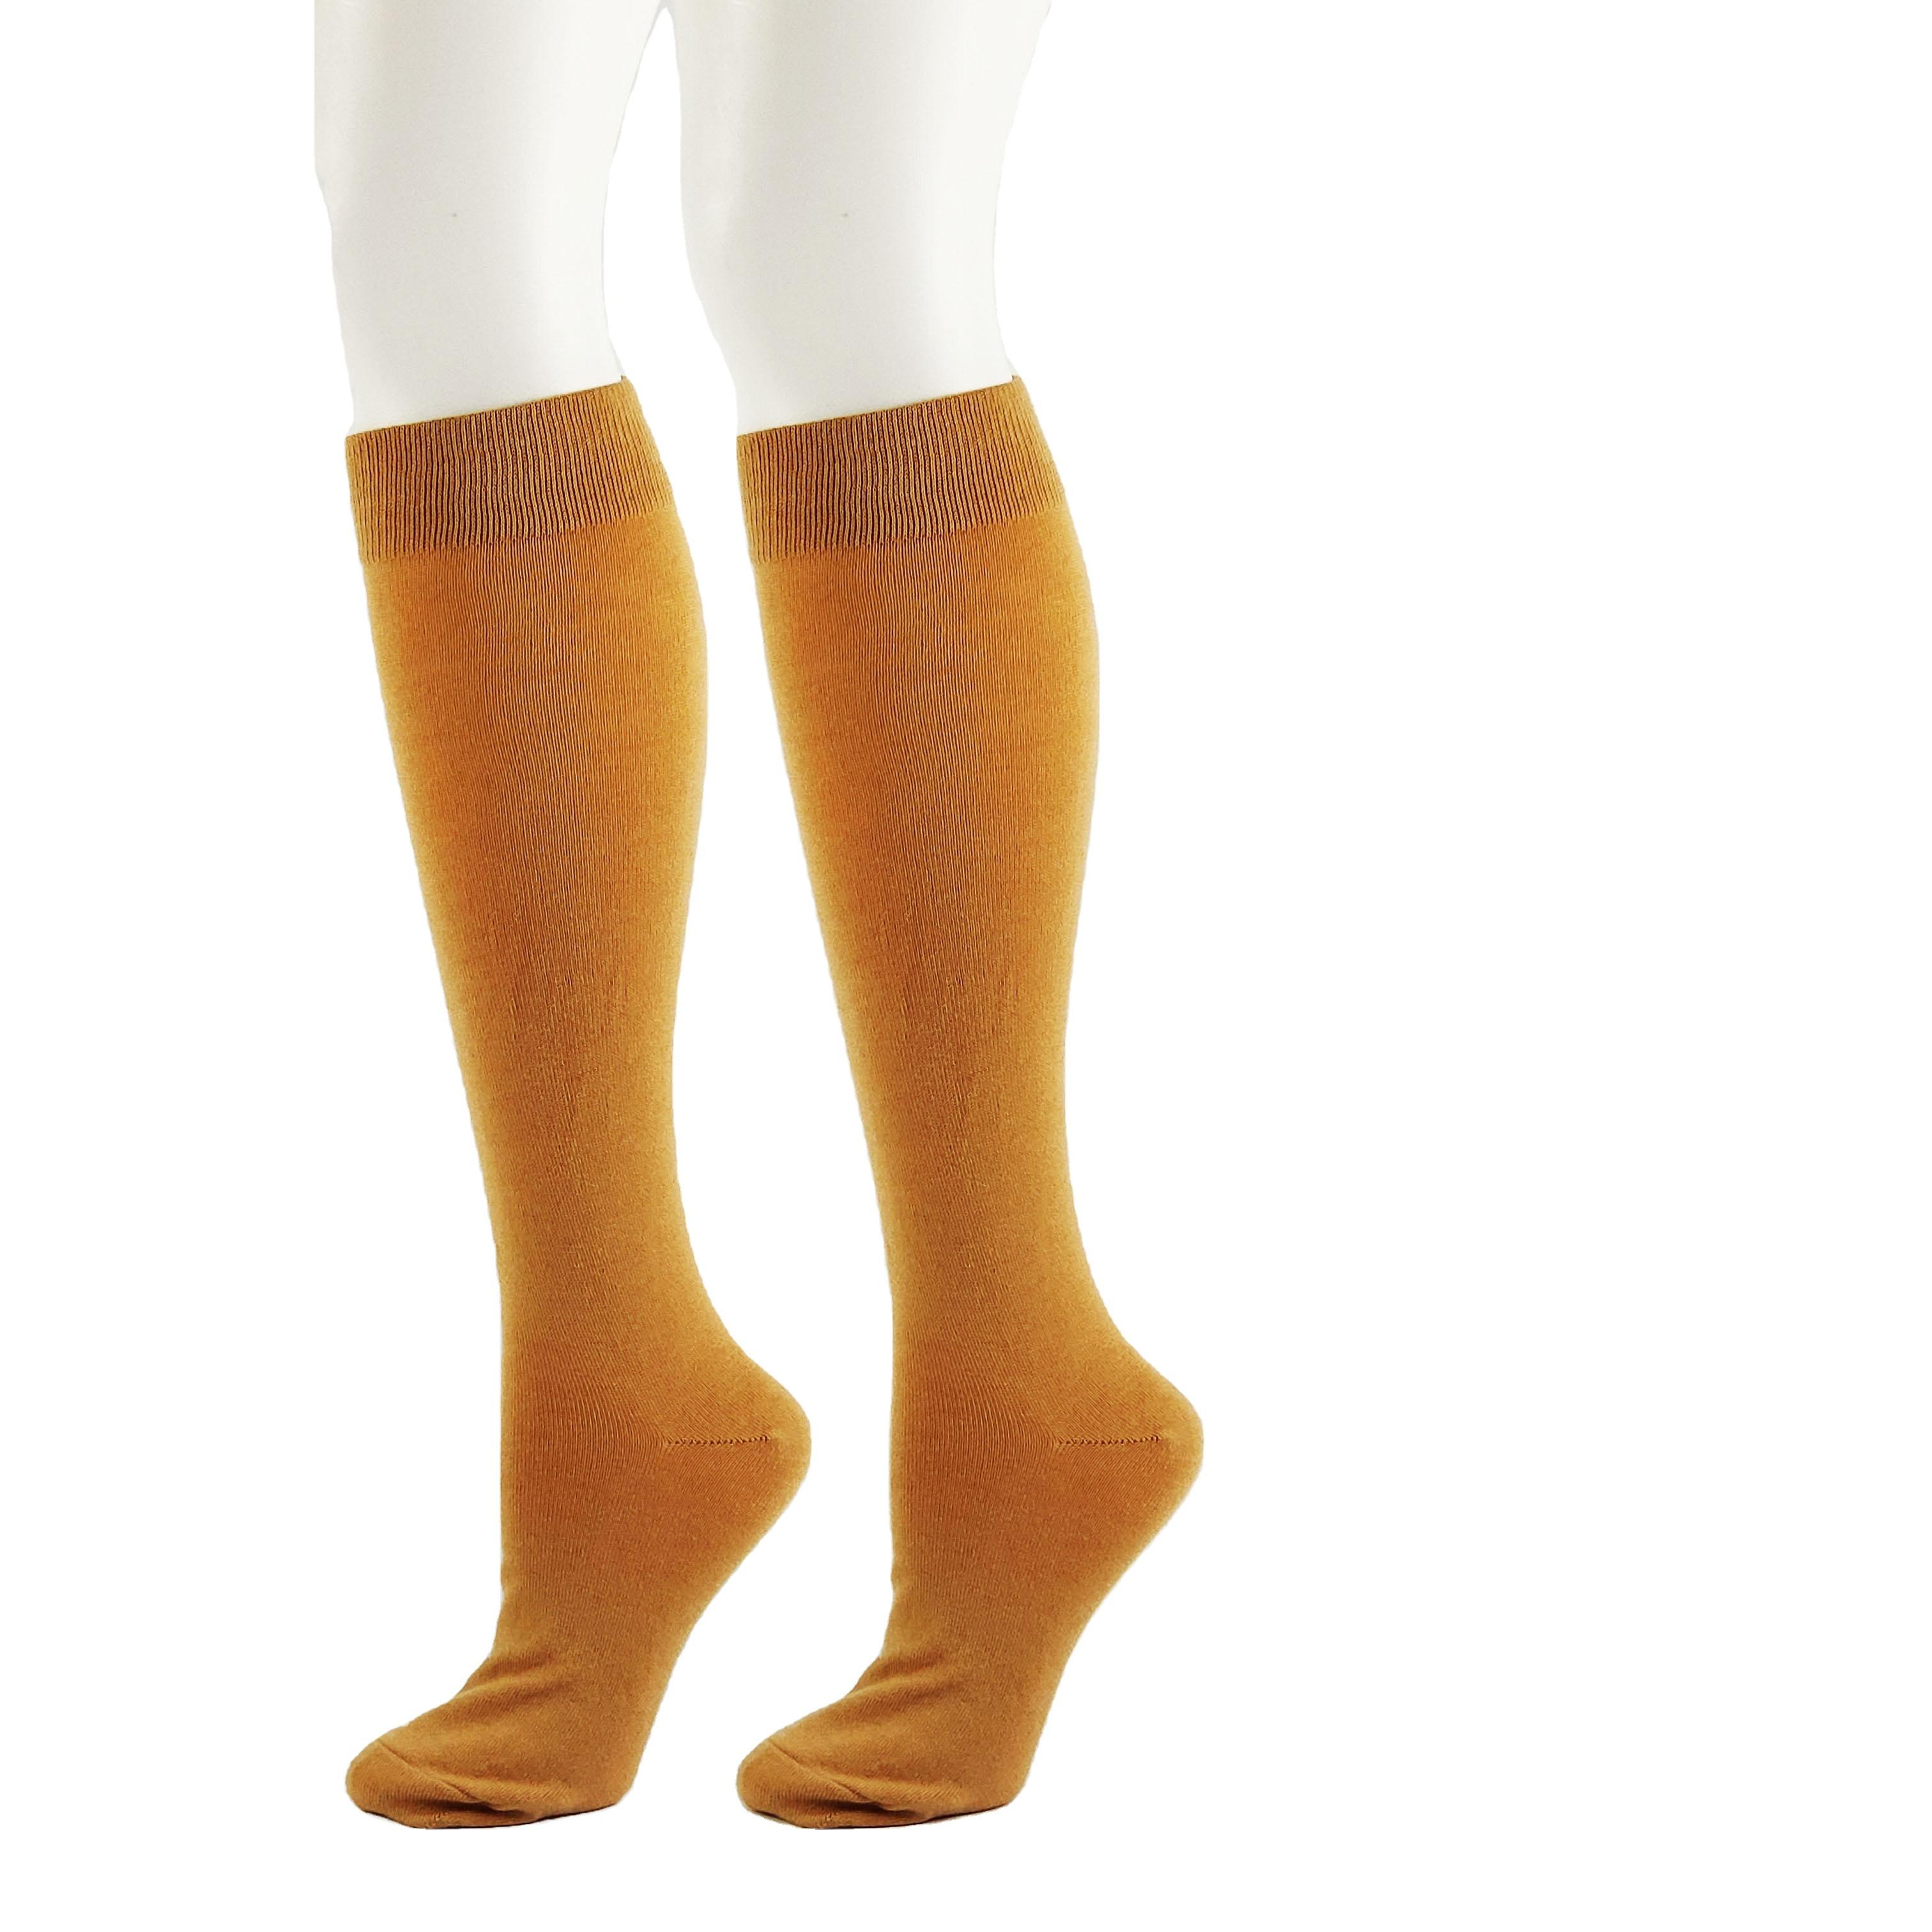 Toptan özel yüksek kaliteli kadın diz üstü çorap moda yün uyluk yüksek çorap